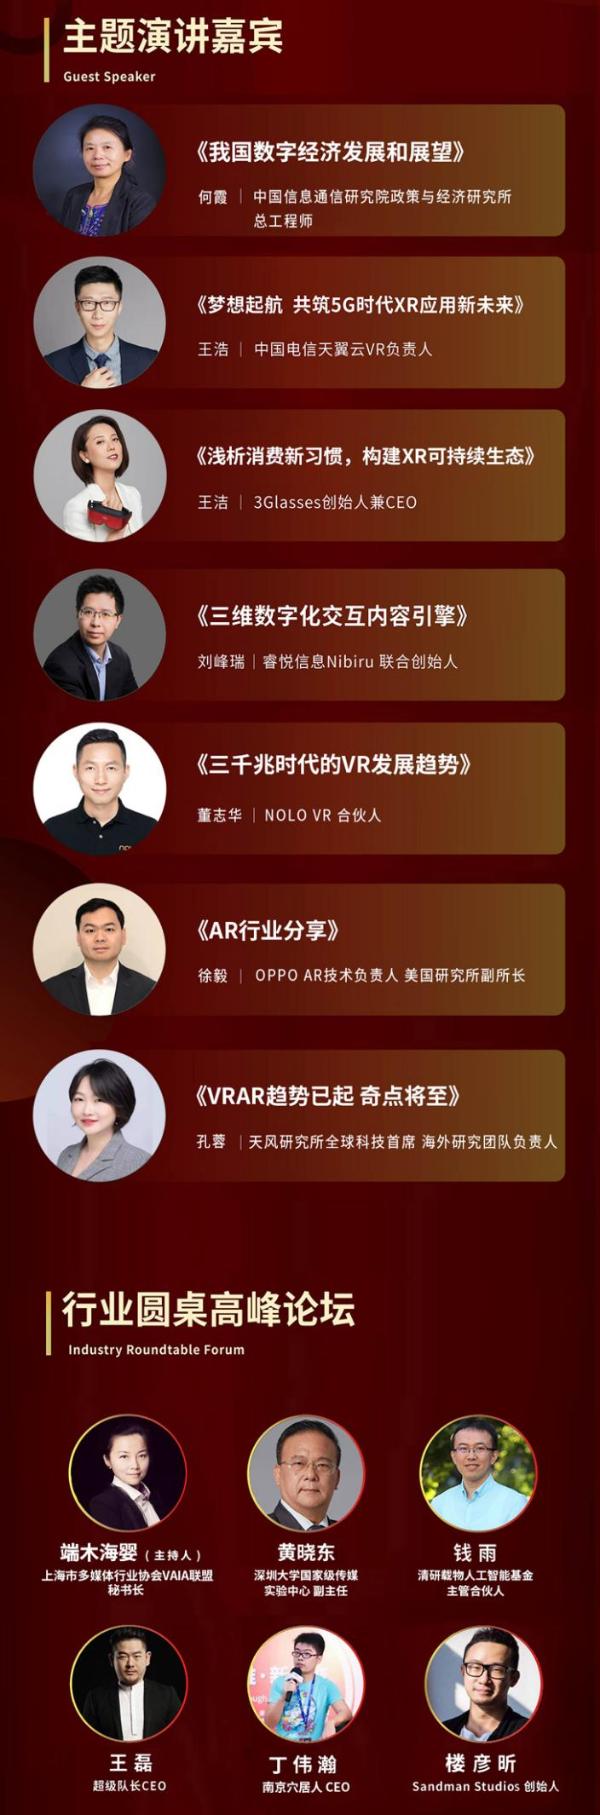 倒计时1天!2021中国XR产业顶级年度盛会这些看点别错过!